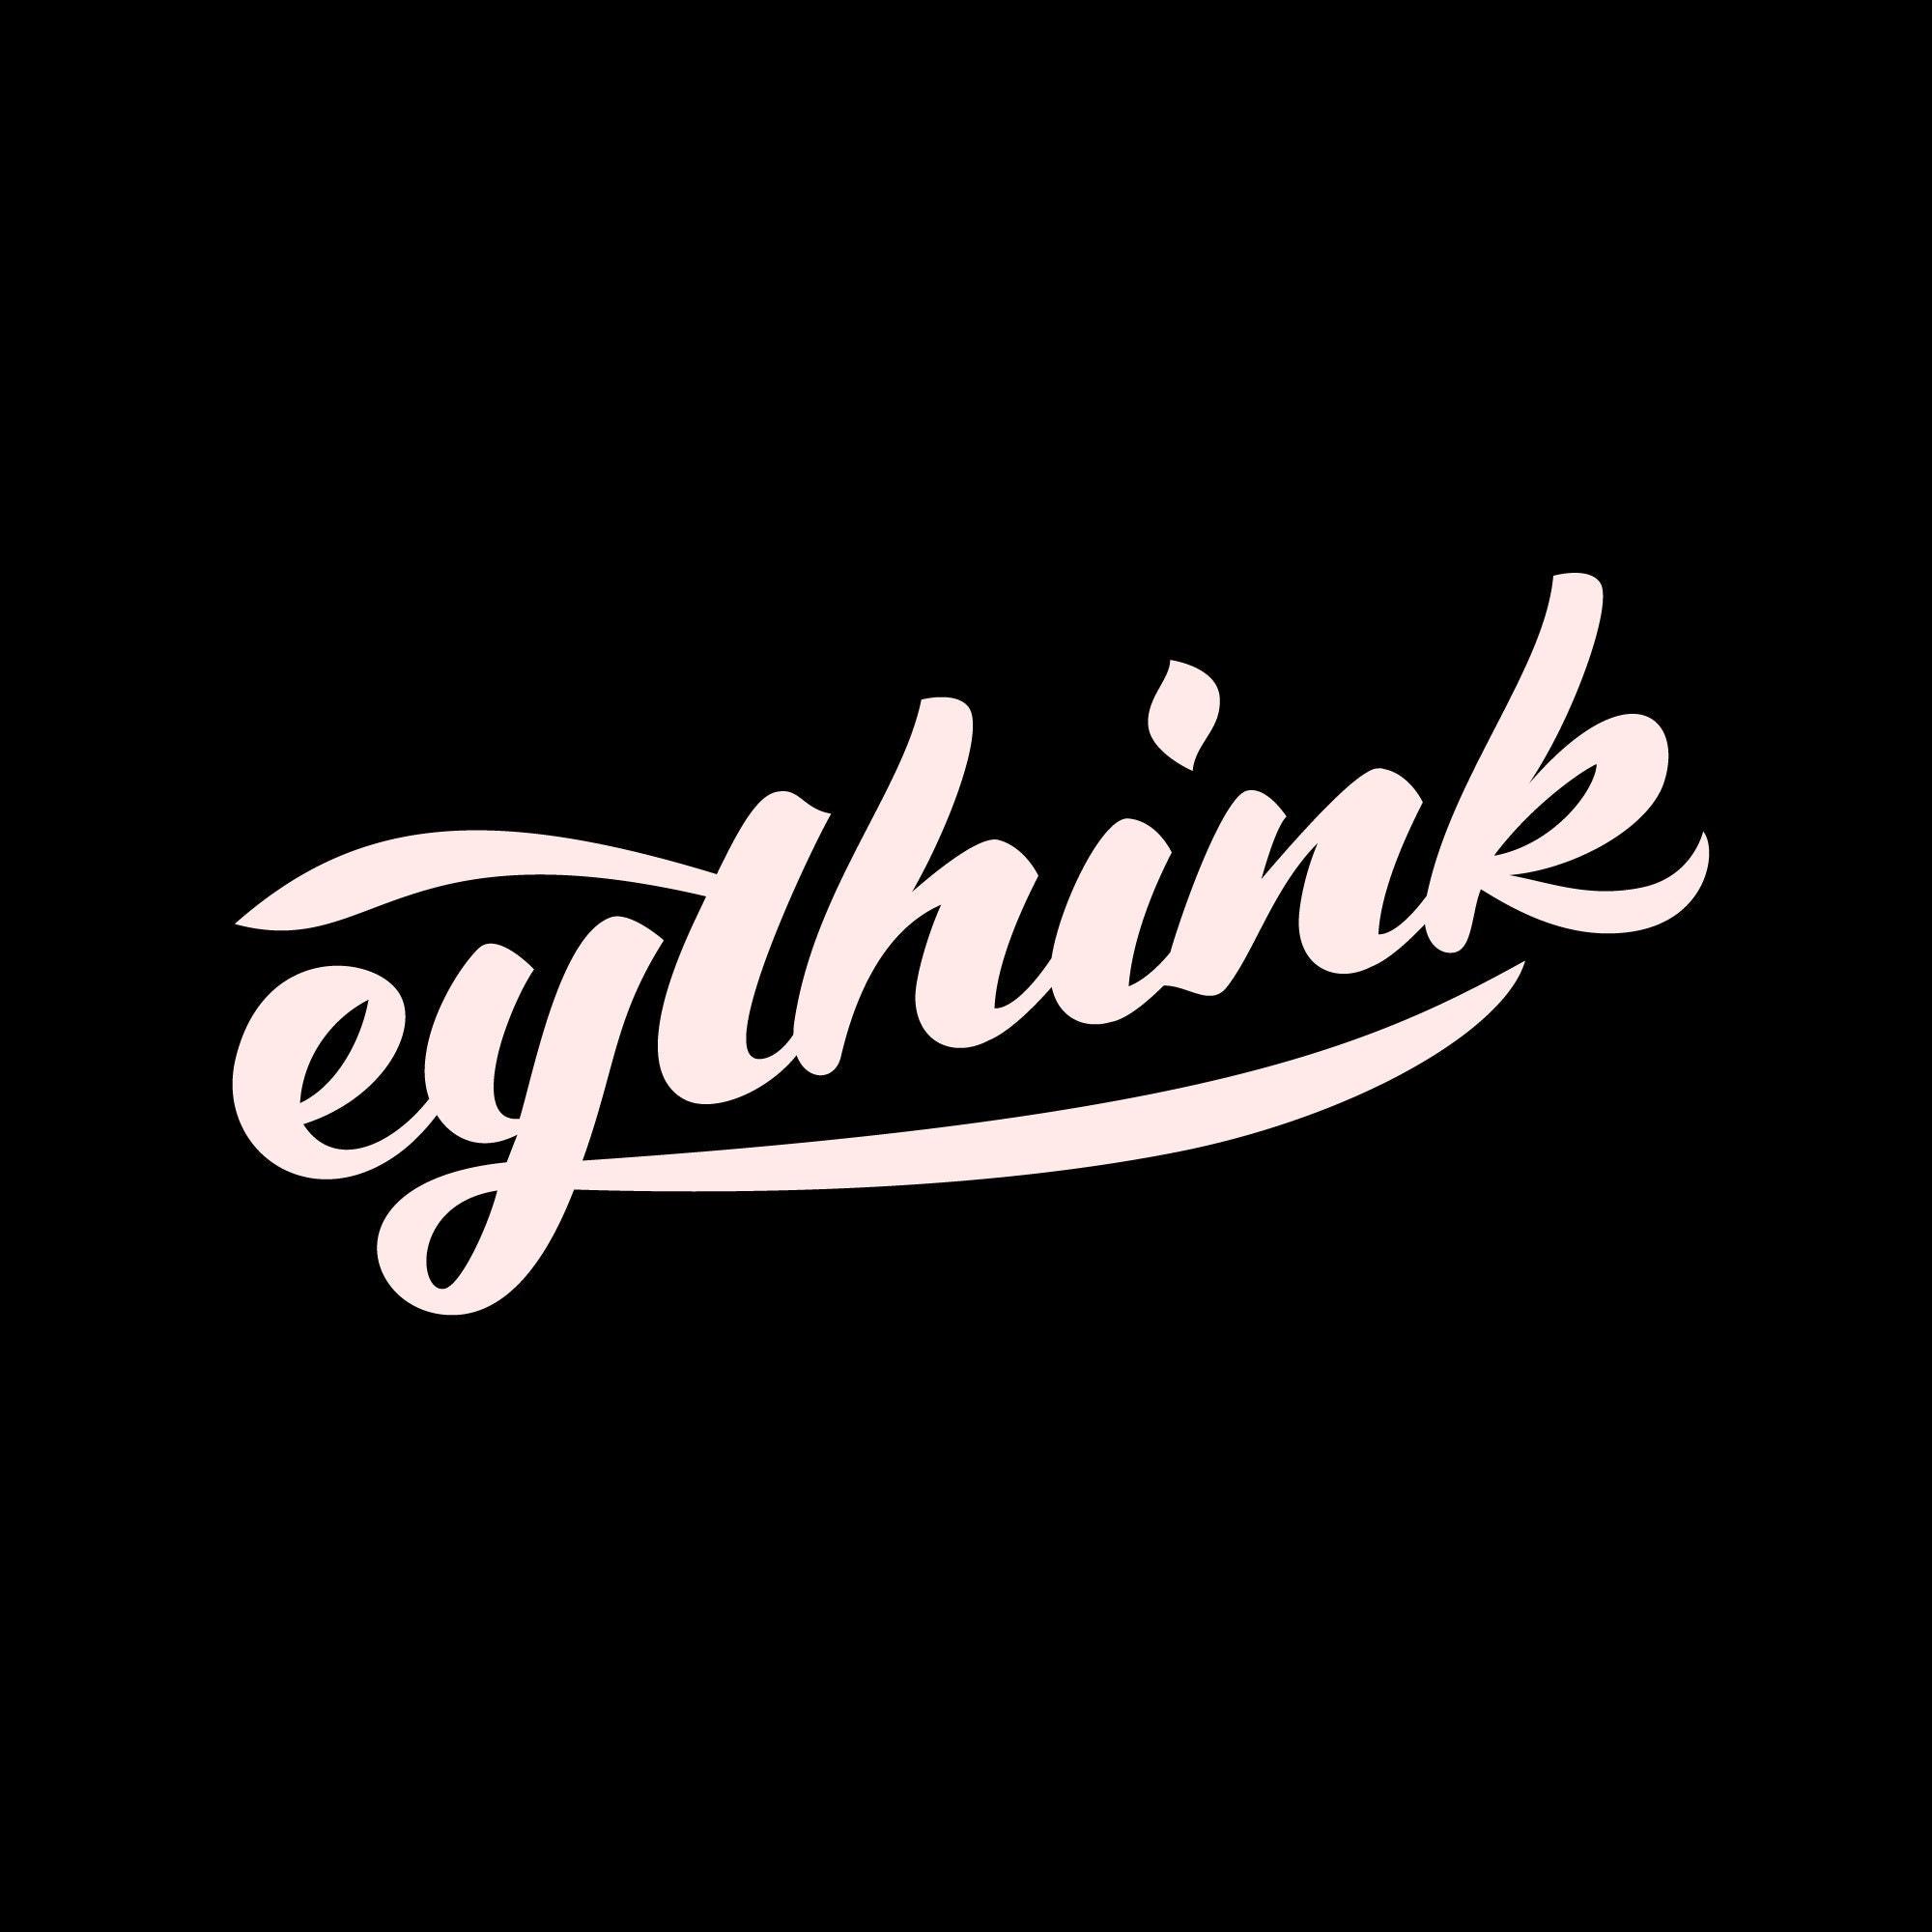 eythink